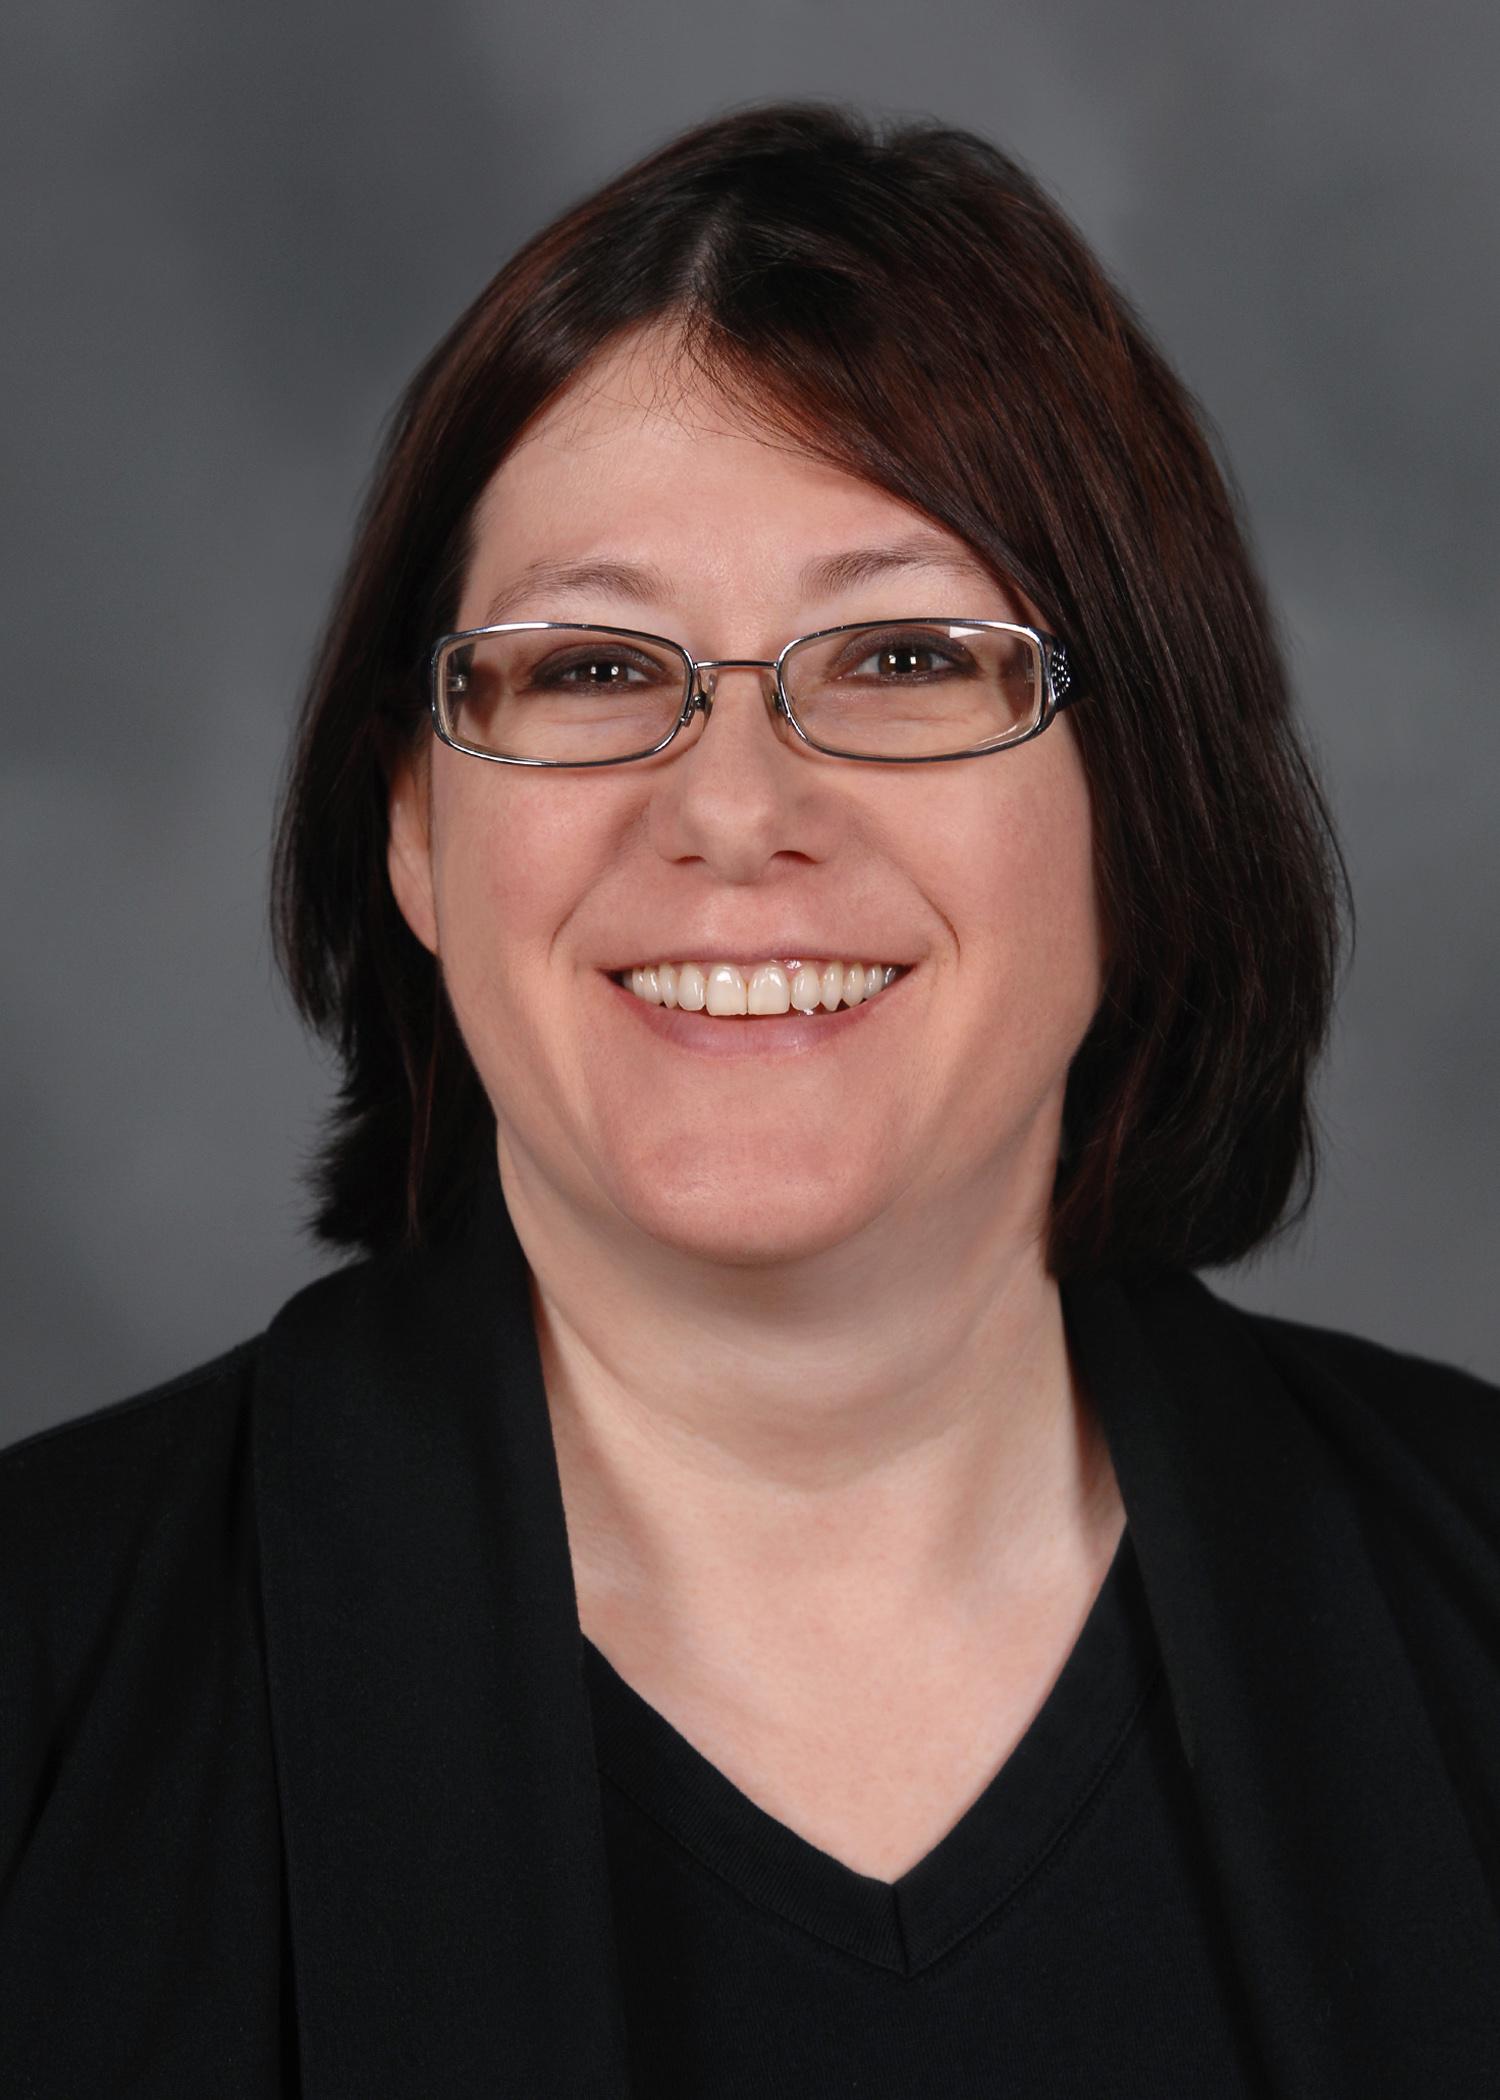 Dr. Molly Merryman